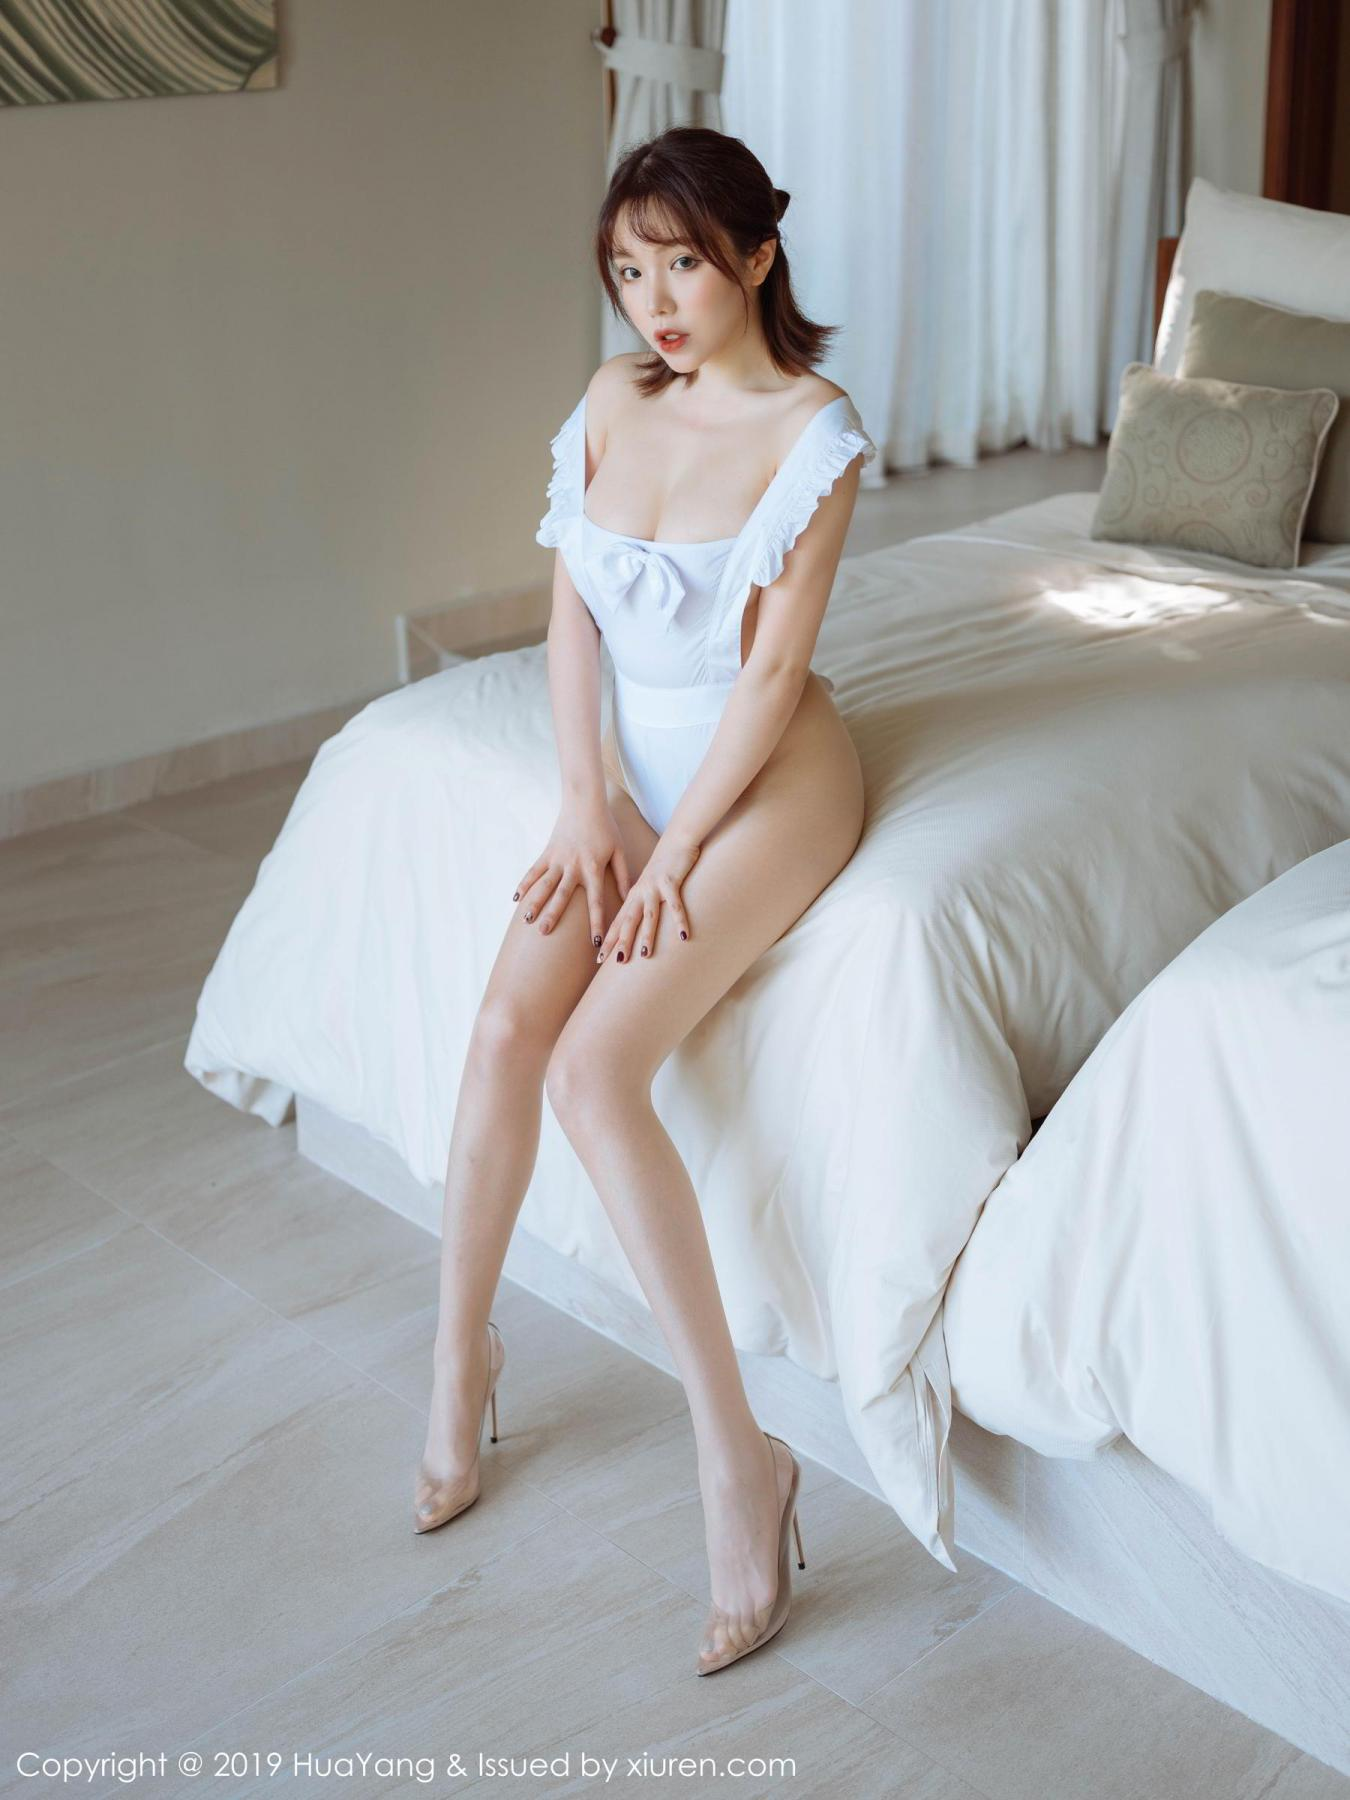 [Huayang] Vol.134 Huang Le Ran 9P, Huang Le Ran, HuaYang, Maid, Sexy